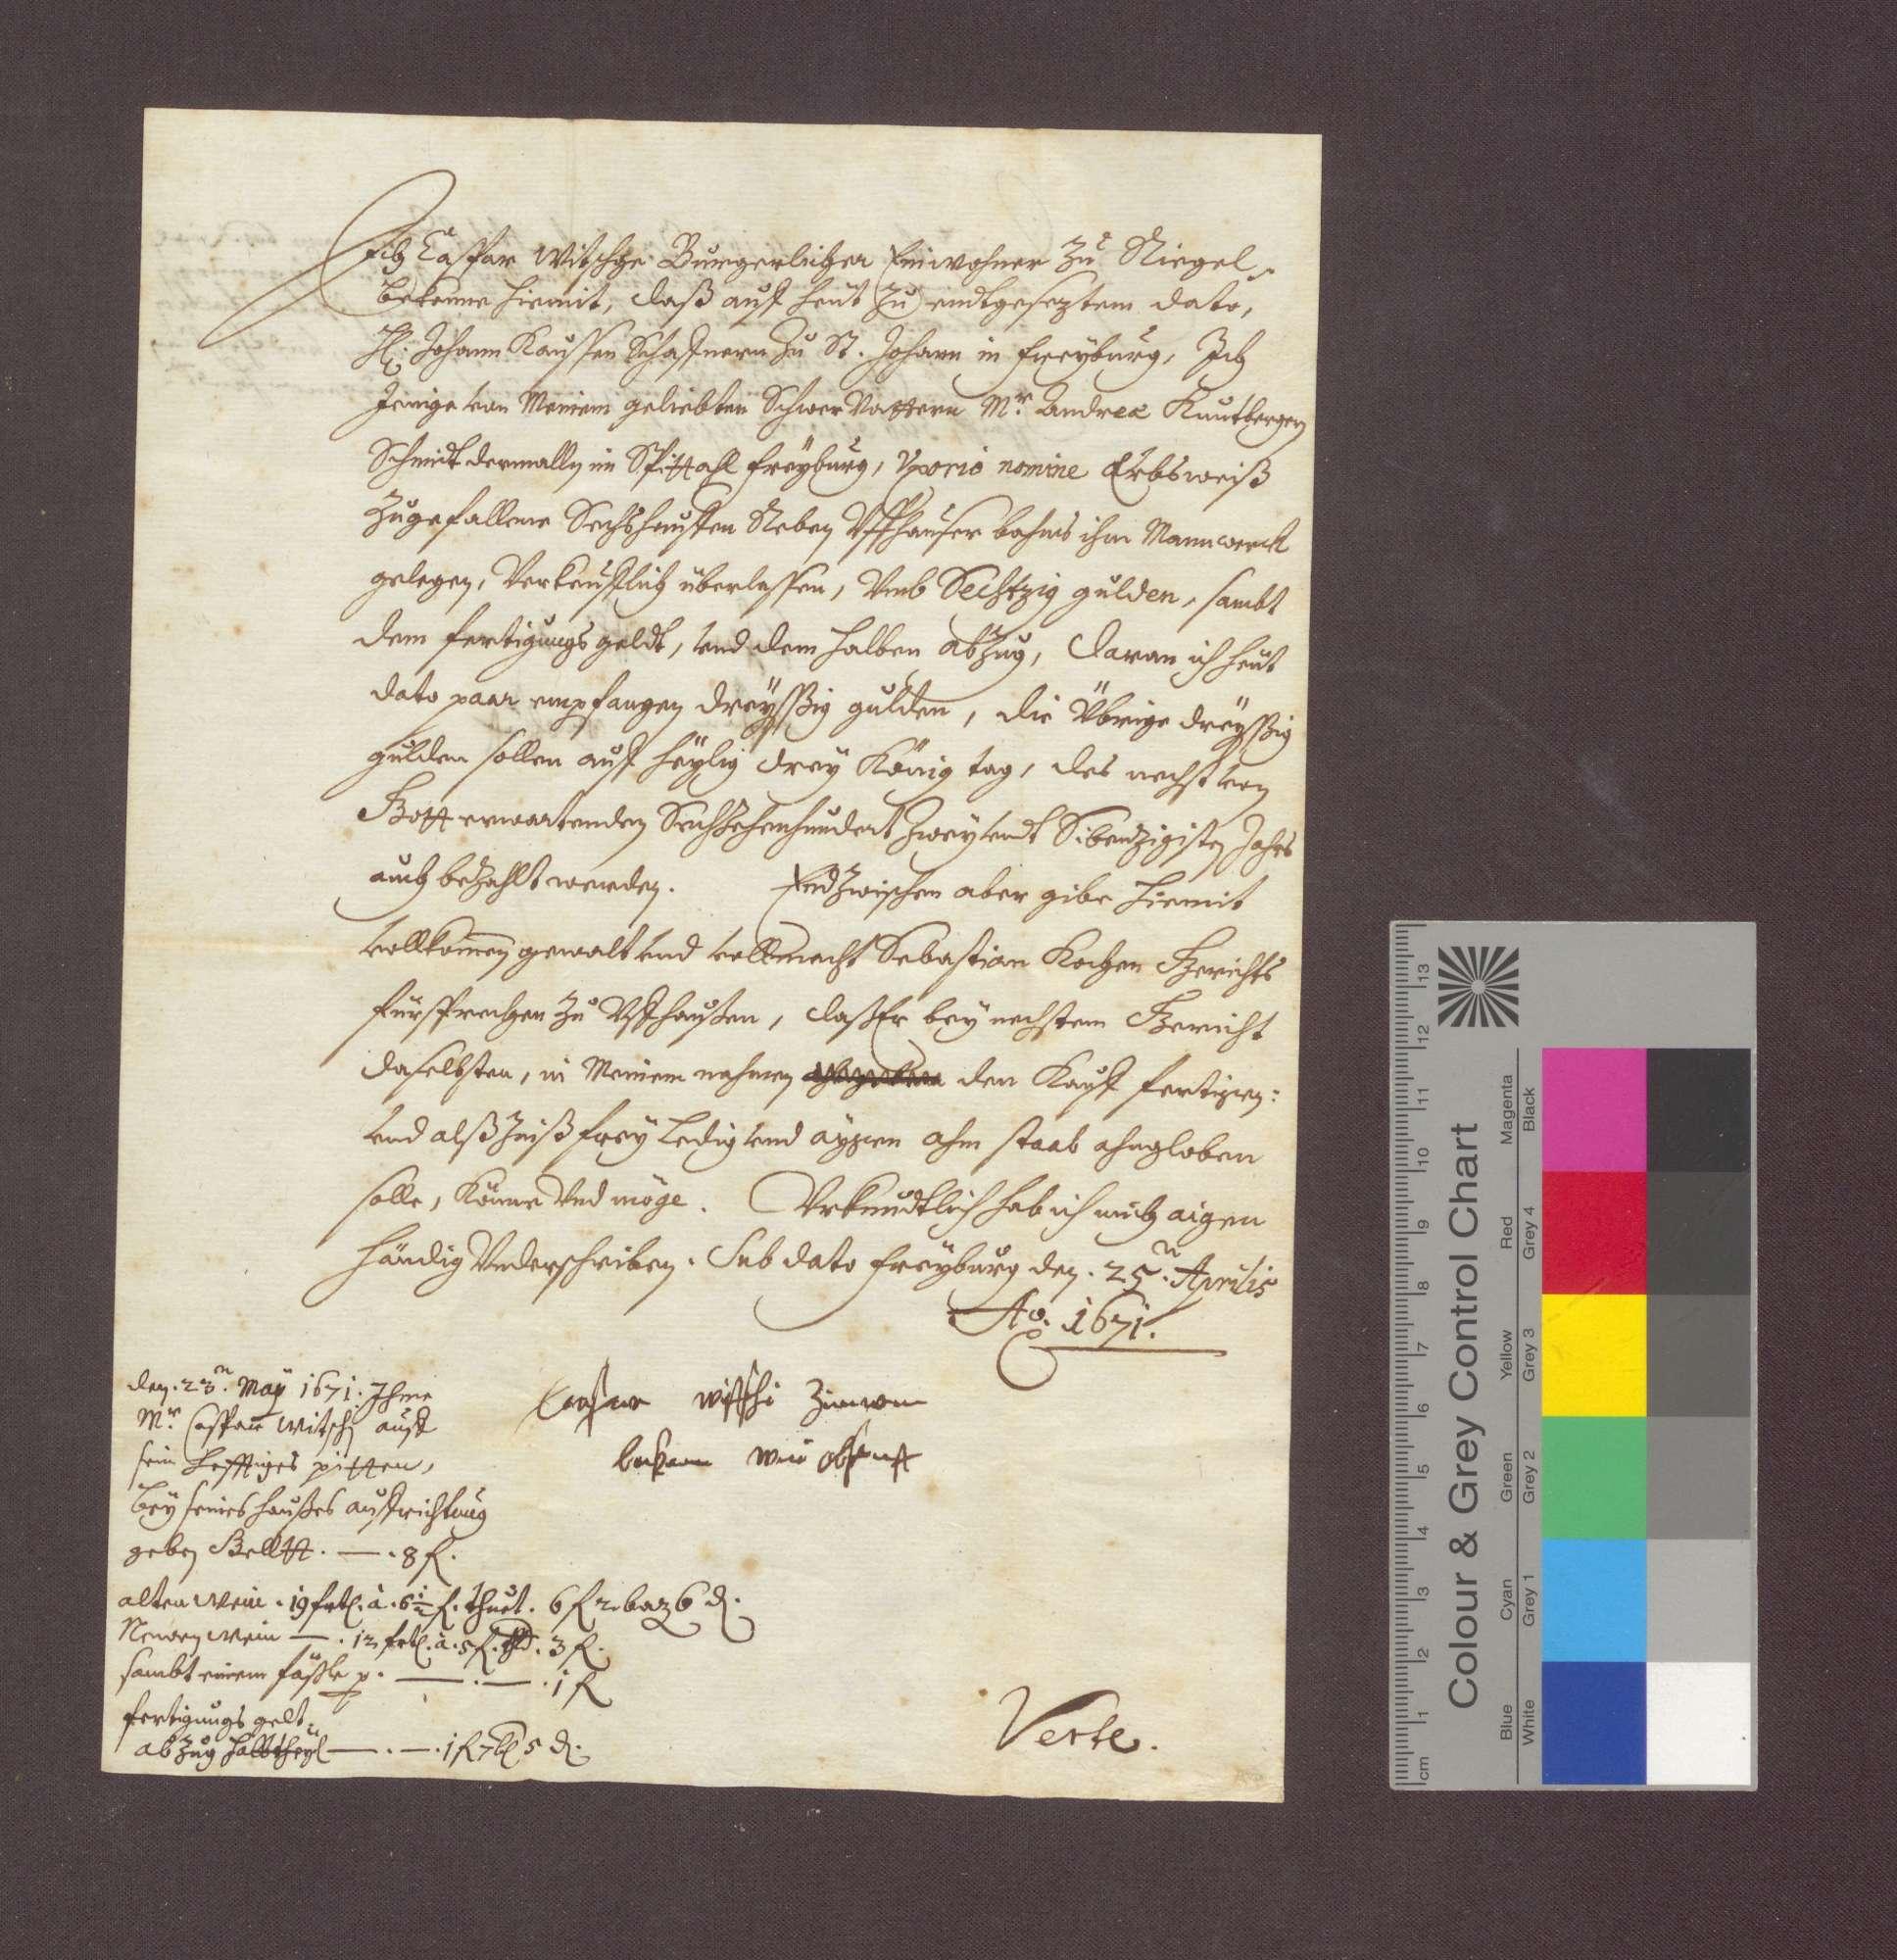 Kaspar Witschi, Zimmermann von Freiburg, verkauft dem Johanniter-Schaffner zu Freiburg, Johann Kauß, 6 Haufen Reben am Uffhauser Berg, die er von seinem Schwiegervater Andreas Kuntberger erhalten hatte, um 60 Gulden., Bild 1